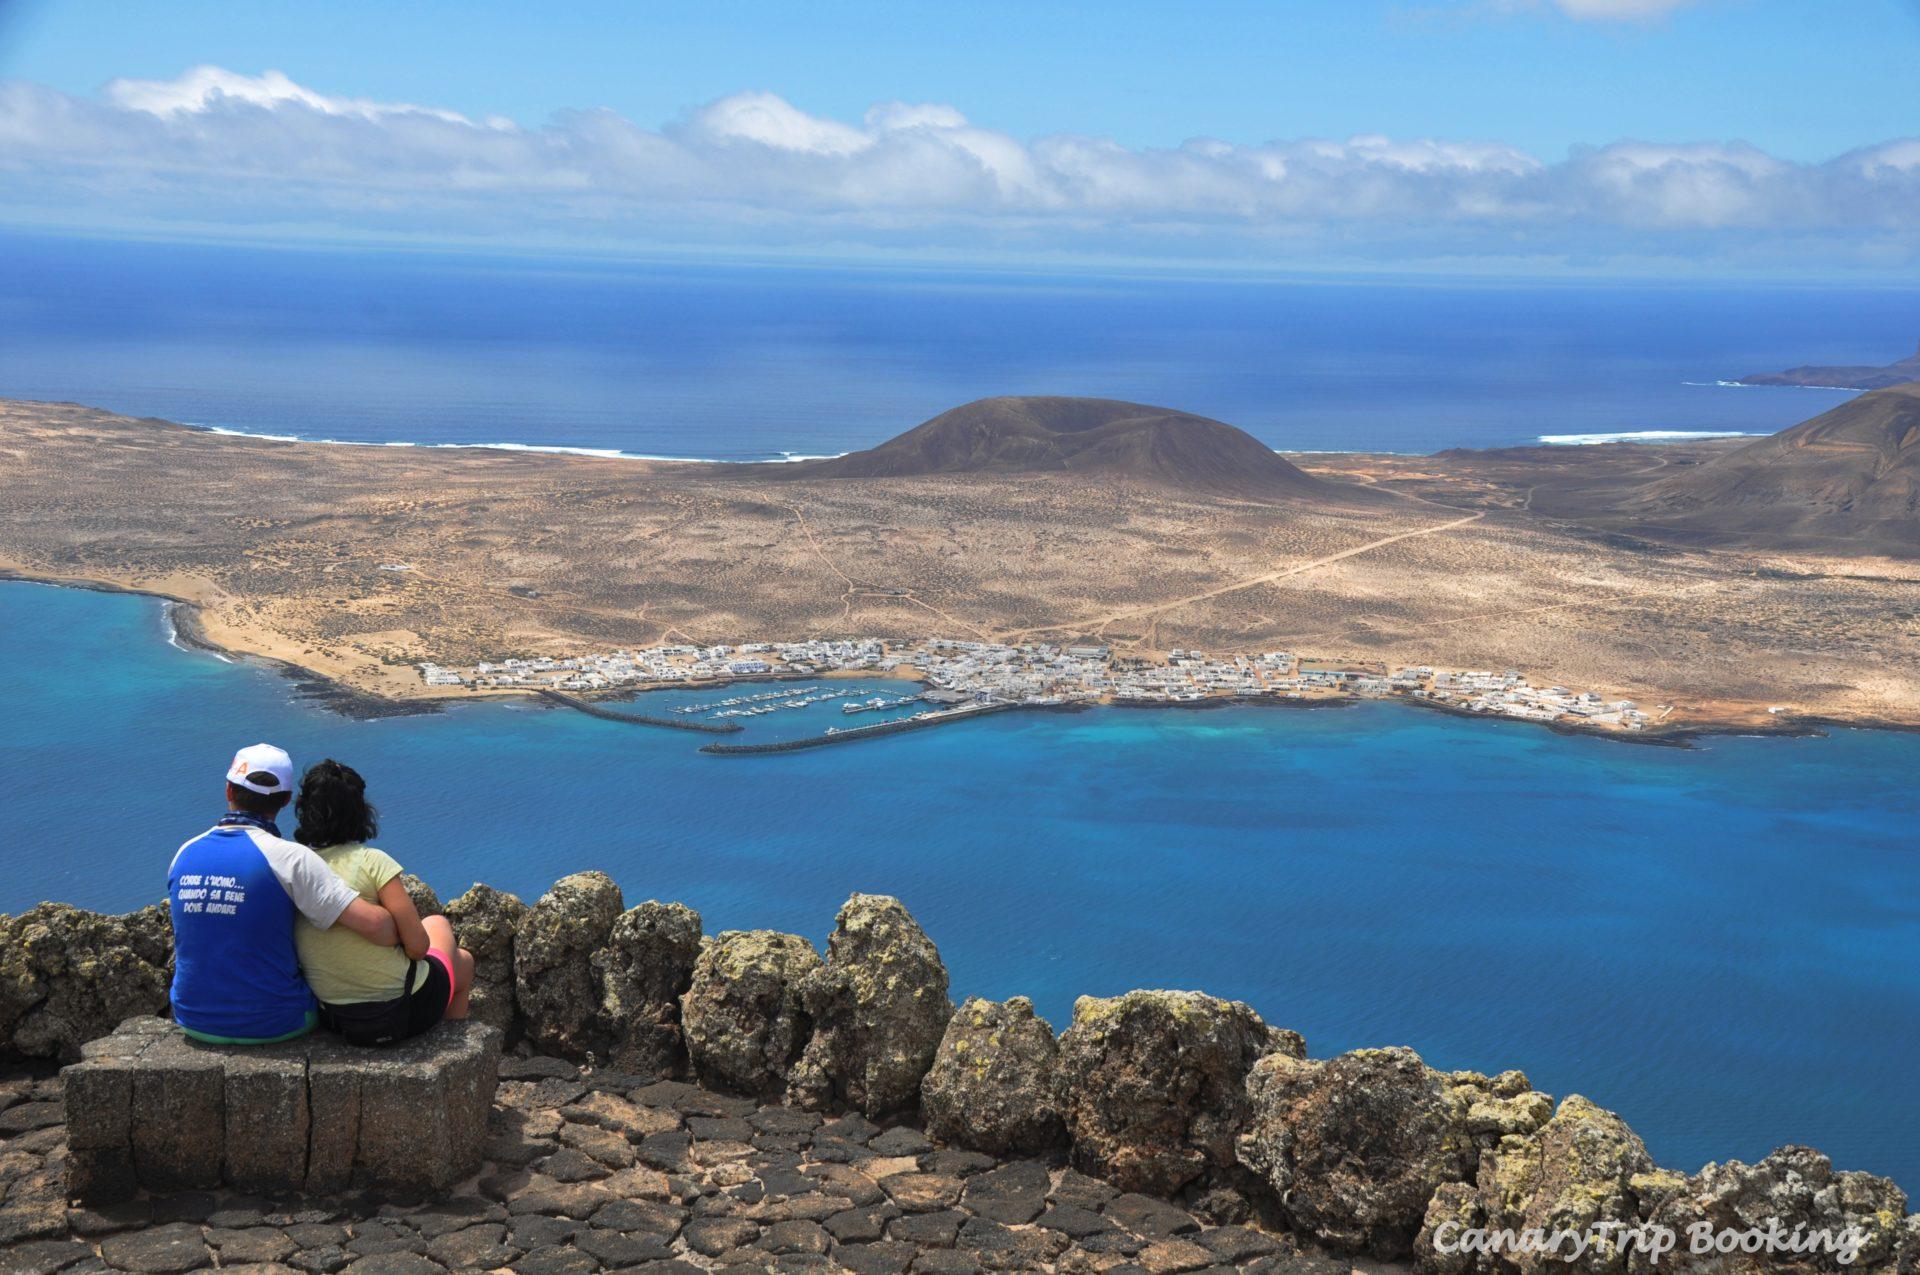 vista-panoramica-la-graciosa-mirador-del-rio-canary-trip-booking